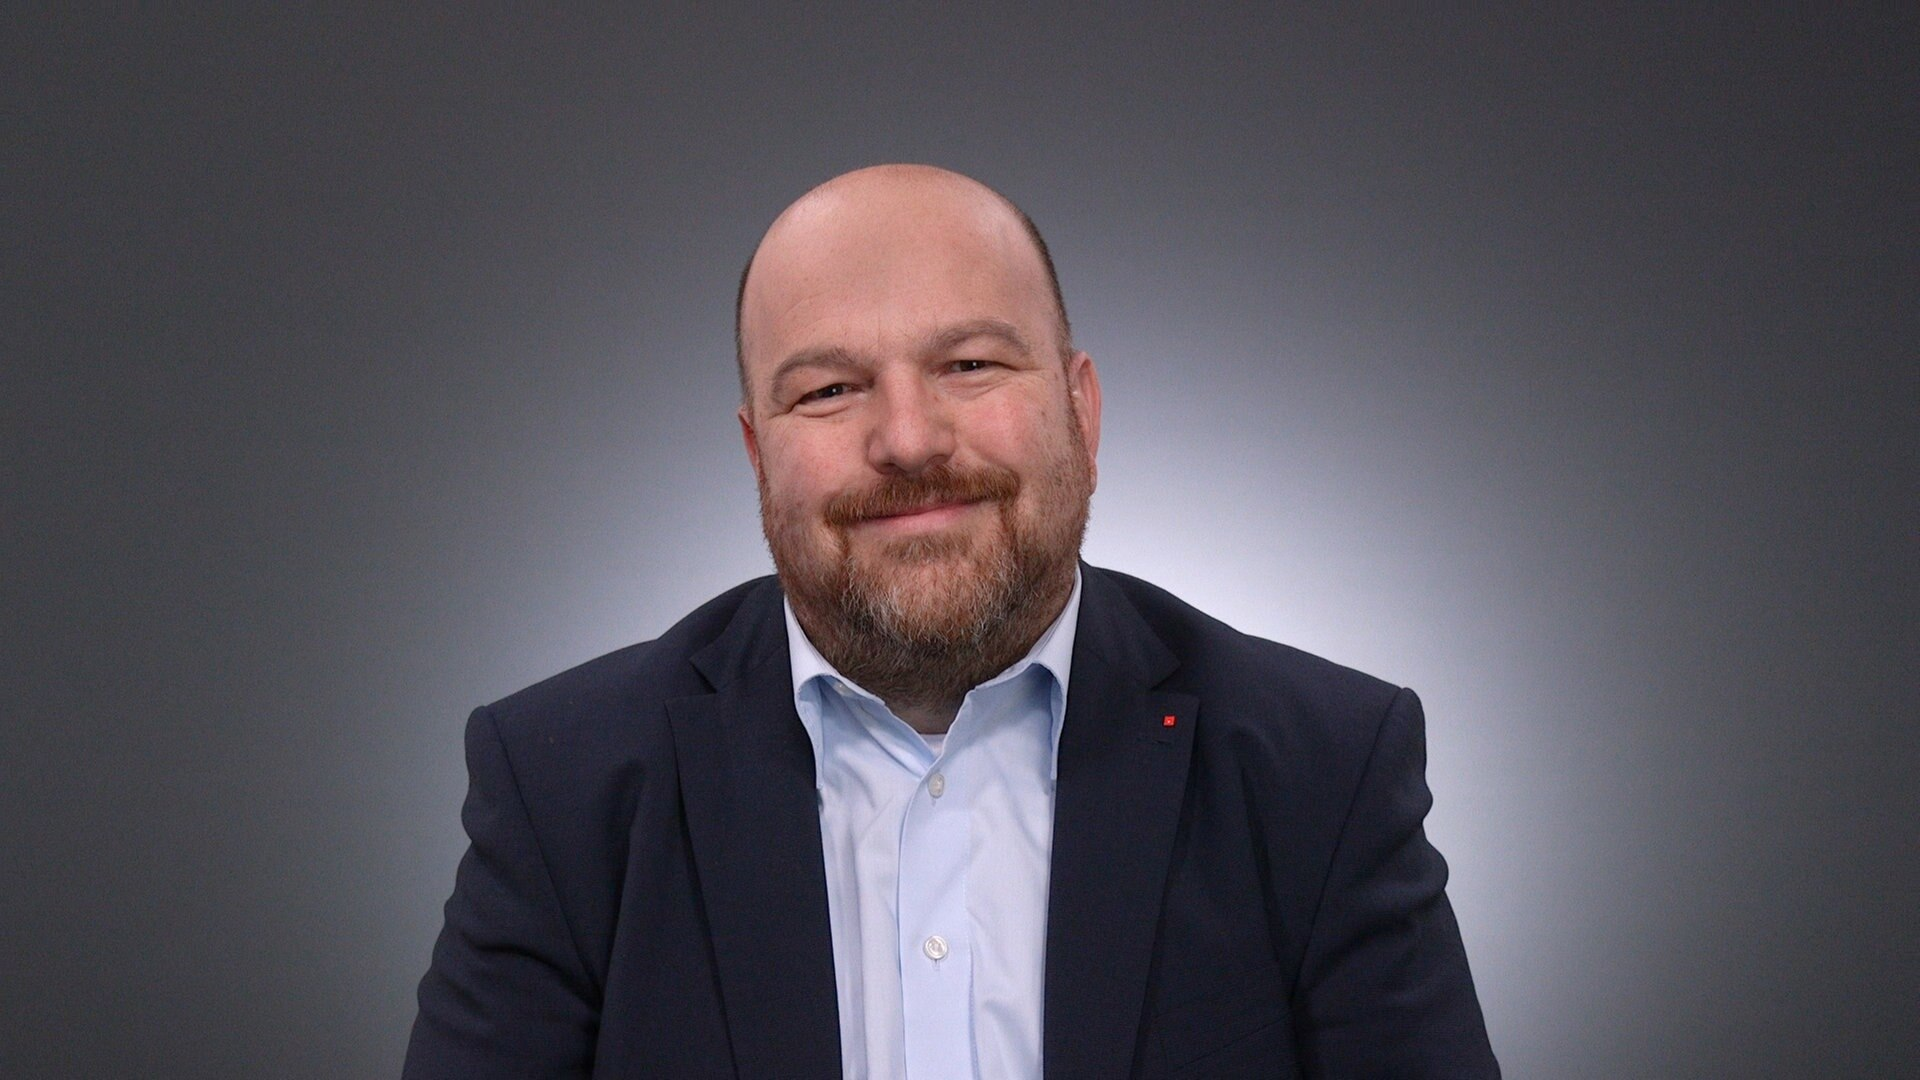 Frank Schmitt, SPD